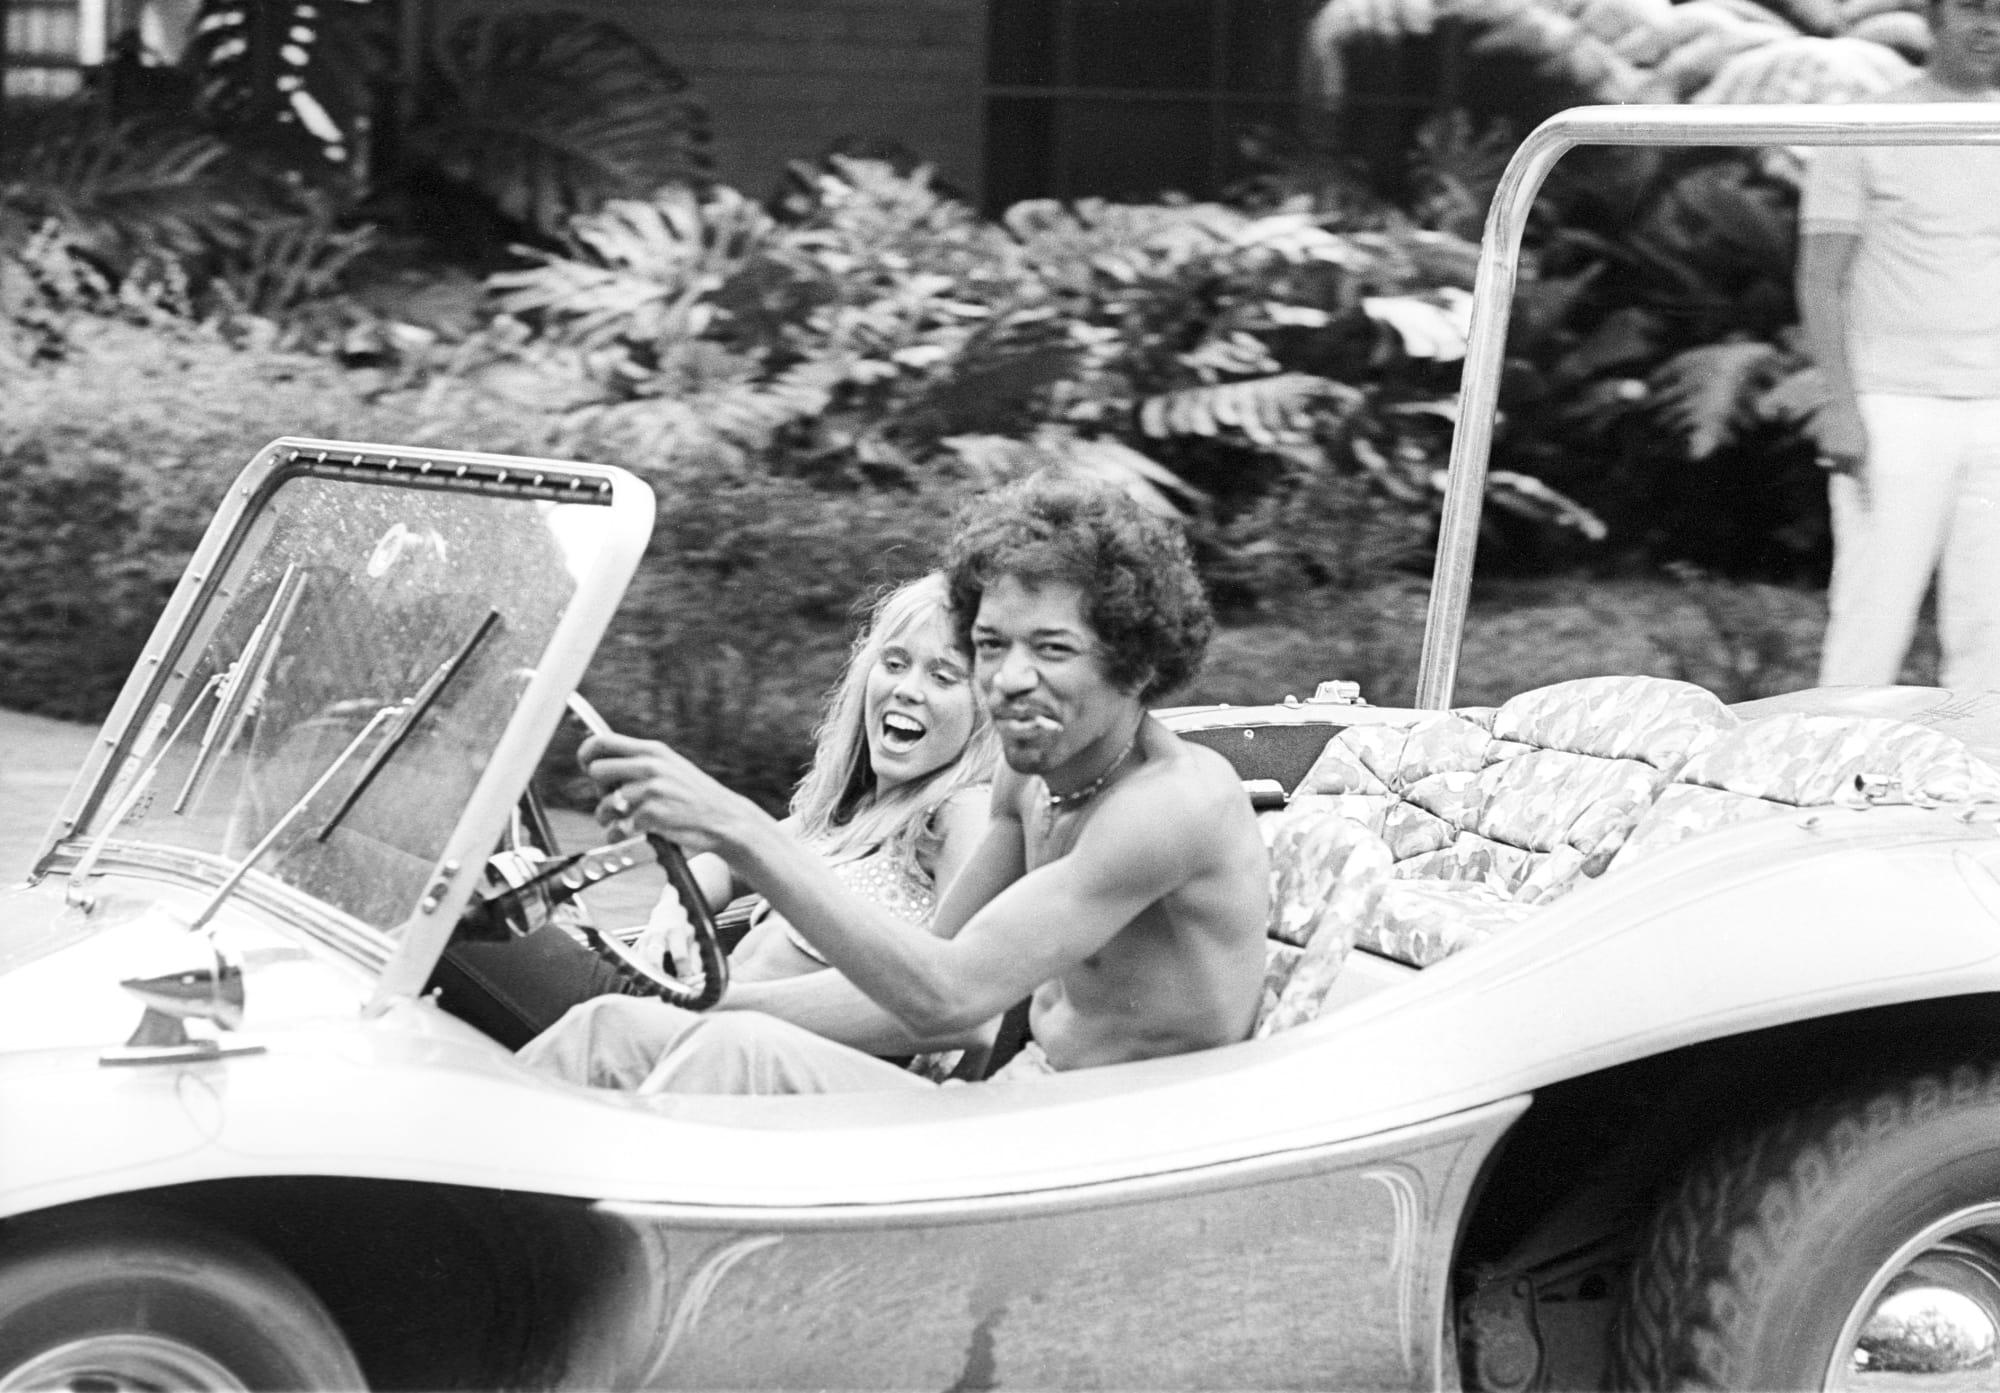 Az eredeti fotó 1968. október 6-án készült Honoluluban. A képen Jimi Hendrix egy ismeretlen nő társaságában látható.